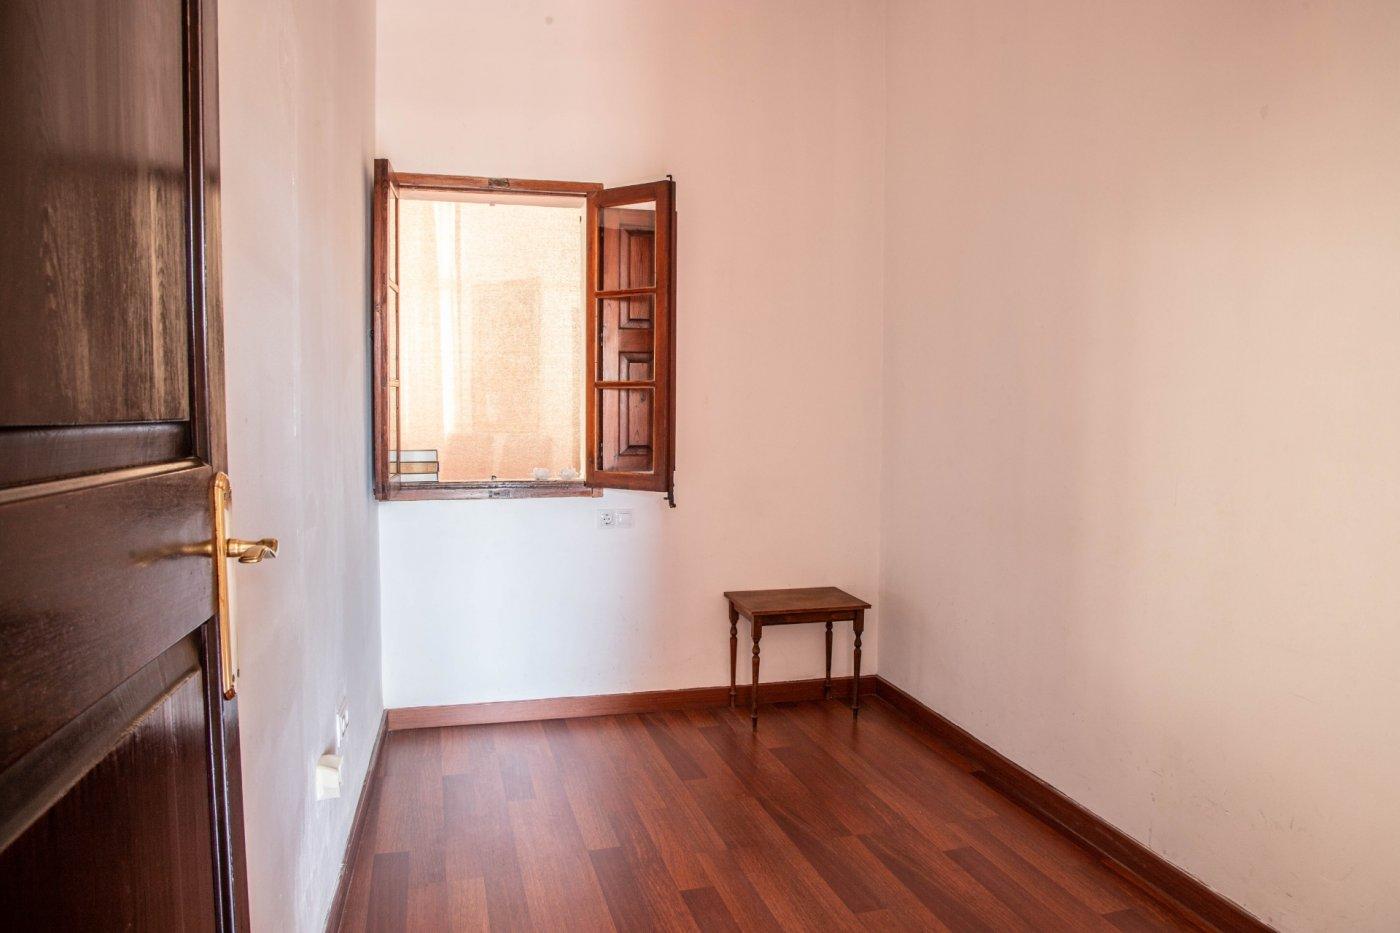 Precioso piso antiguo con mucho carácter en el centro de palma - imagenInmueble14